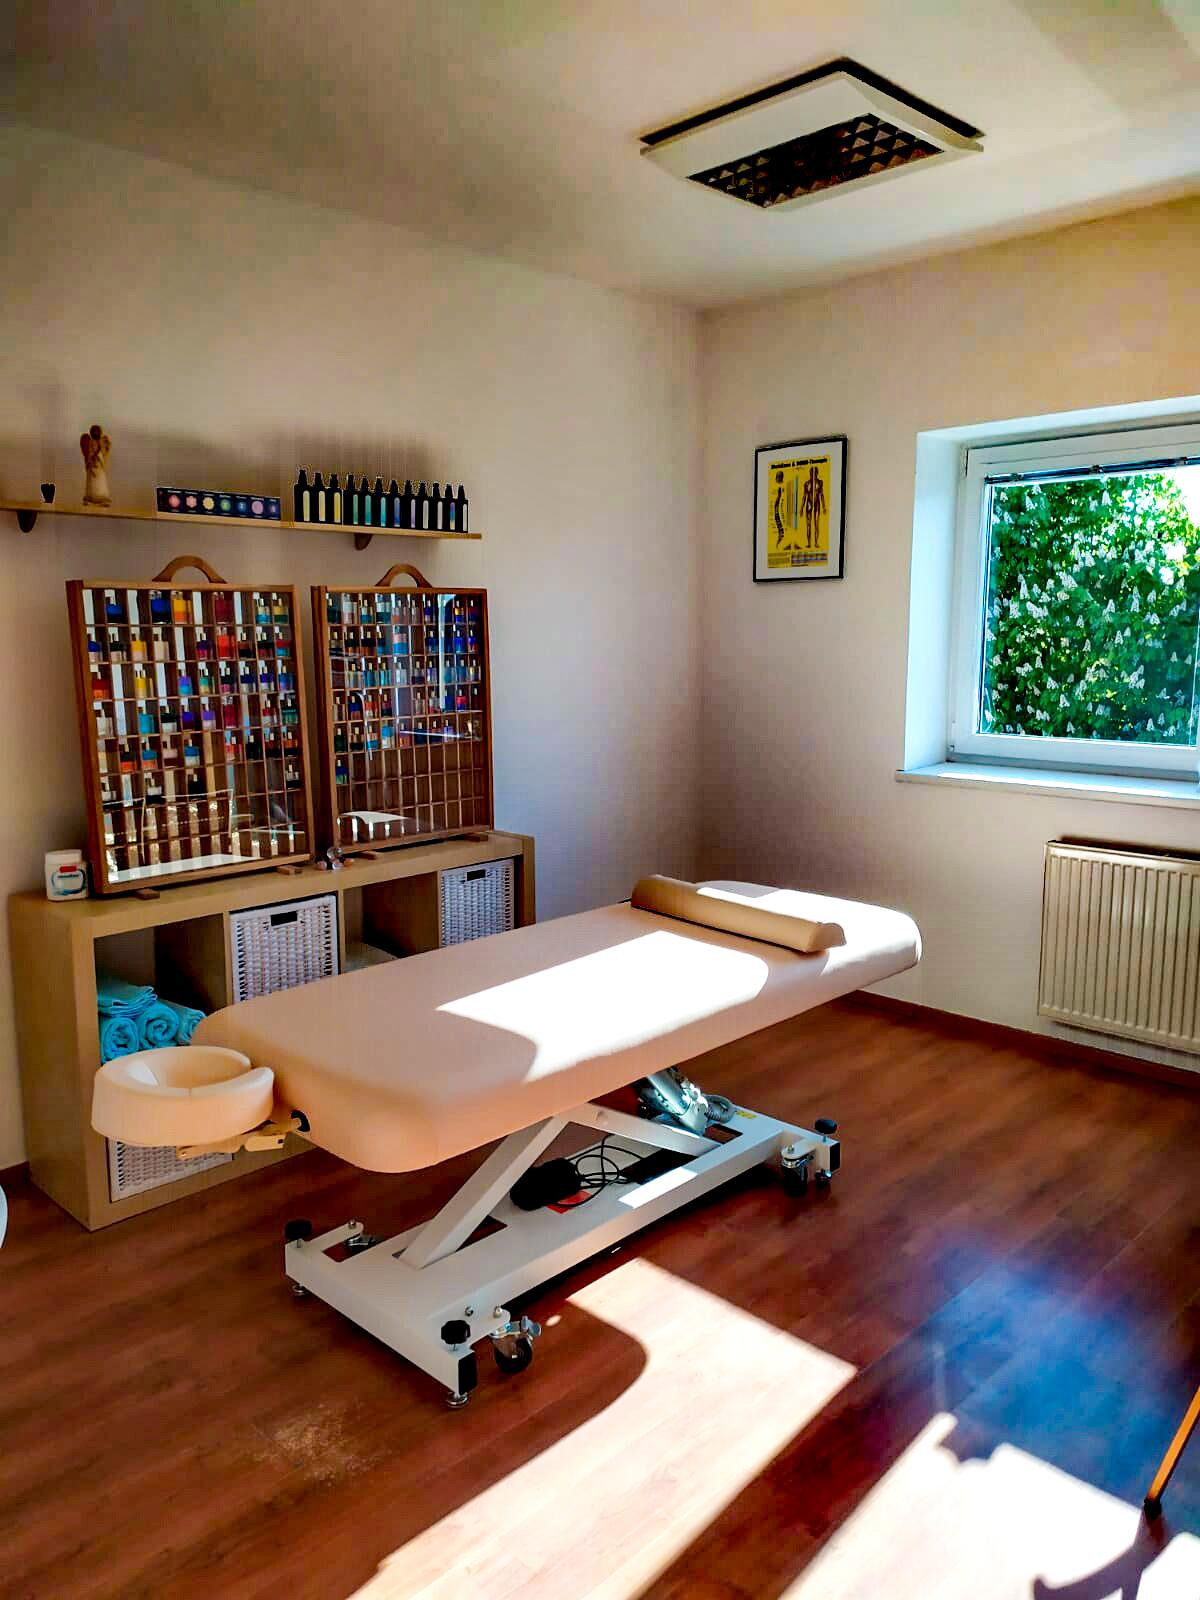 salon - Dudová terapie